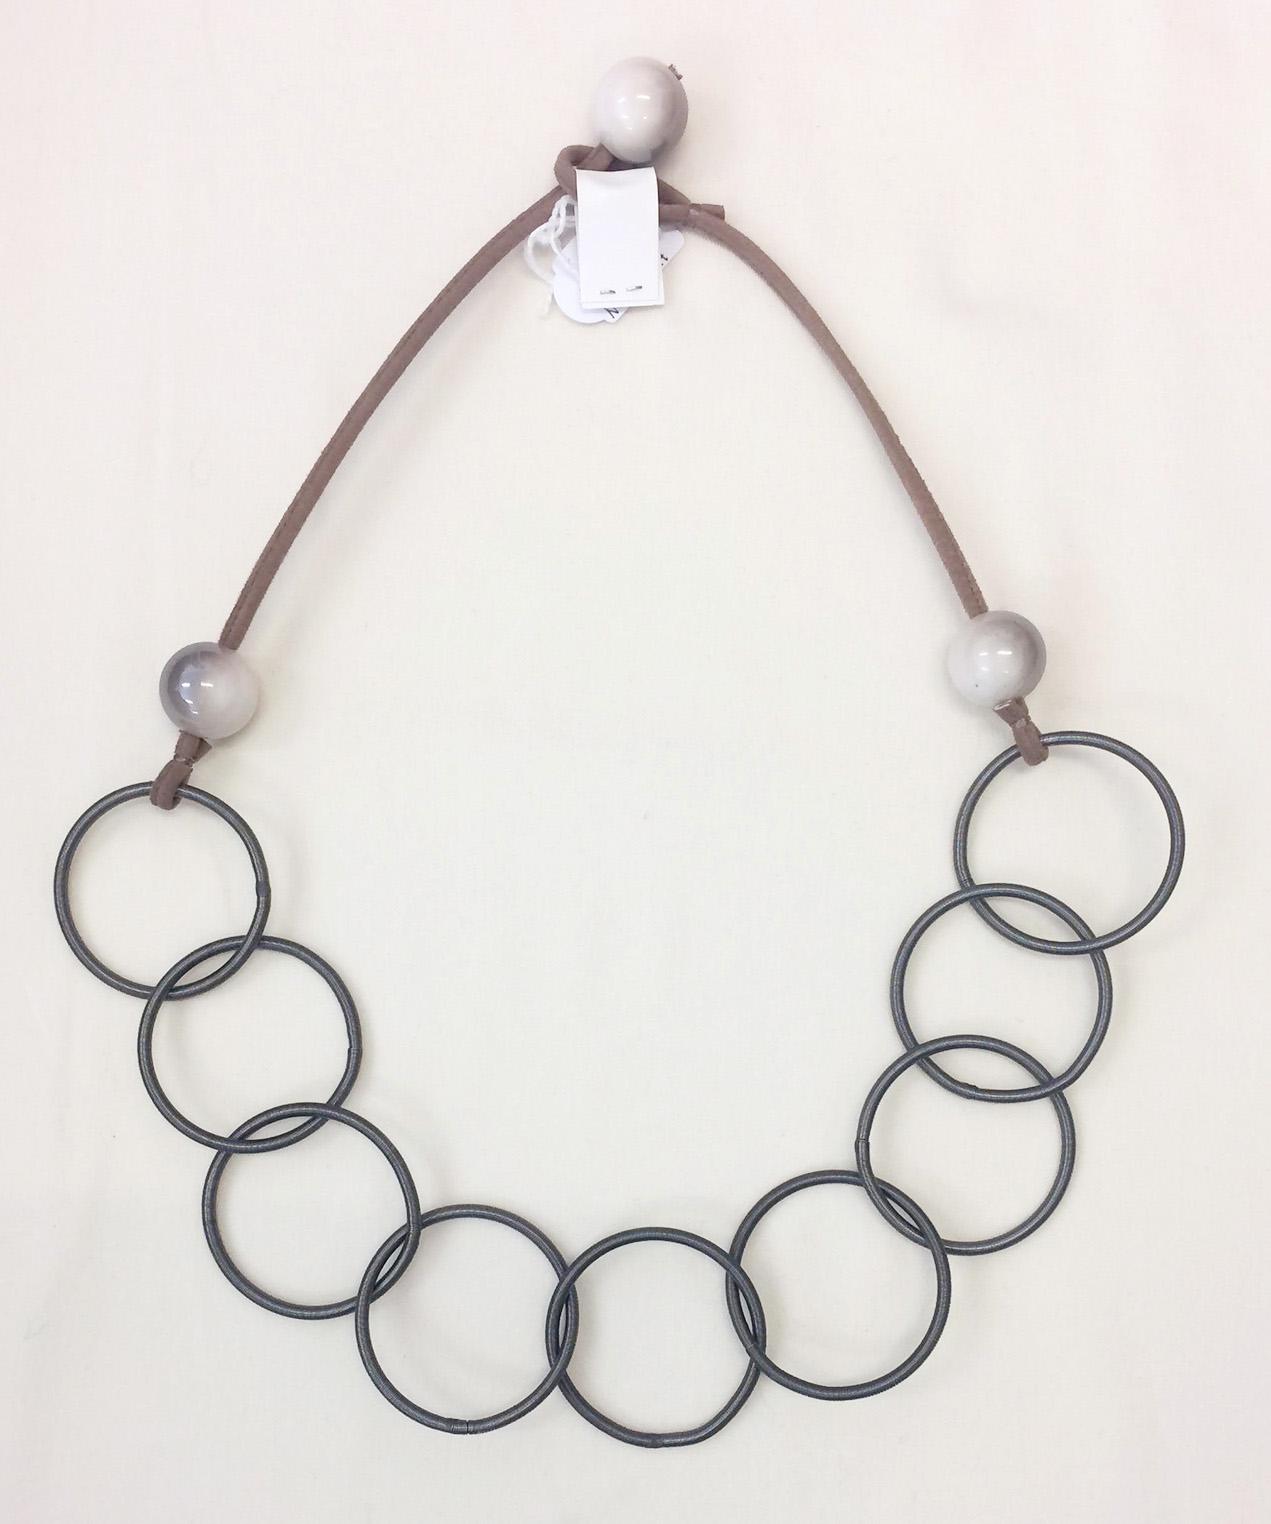 TL Halsband raisinkula stålfjäderringar grå